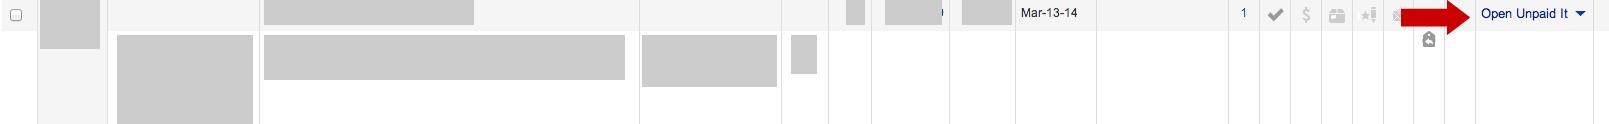 スクリーンショット 2014-04-06 18.17.41